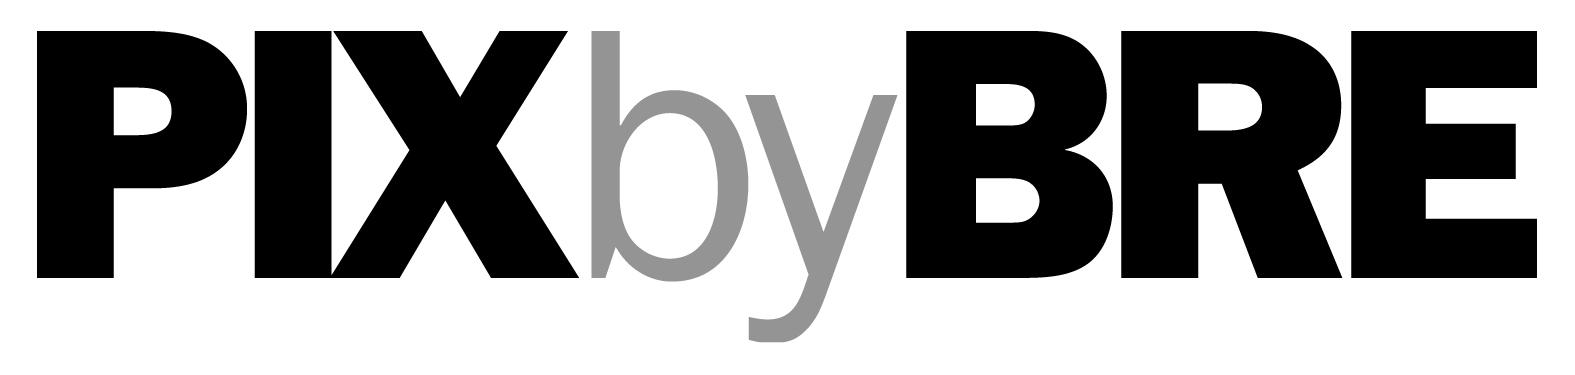 PIXbyBRE